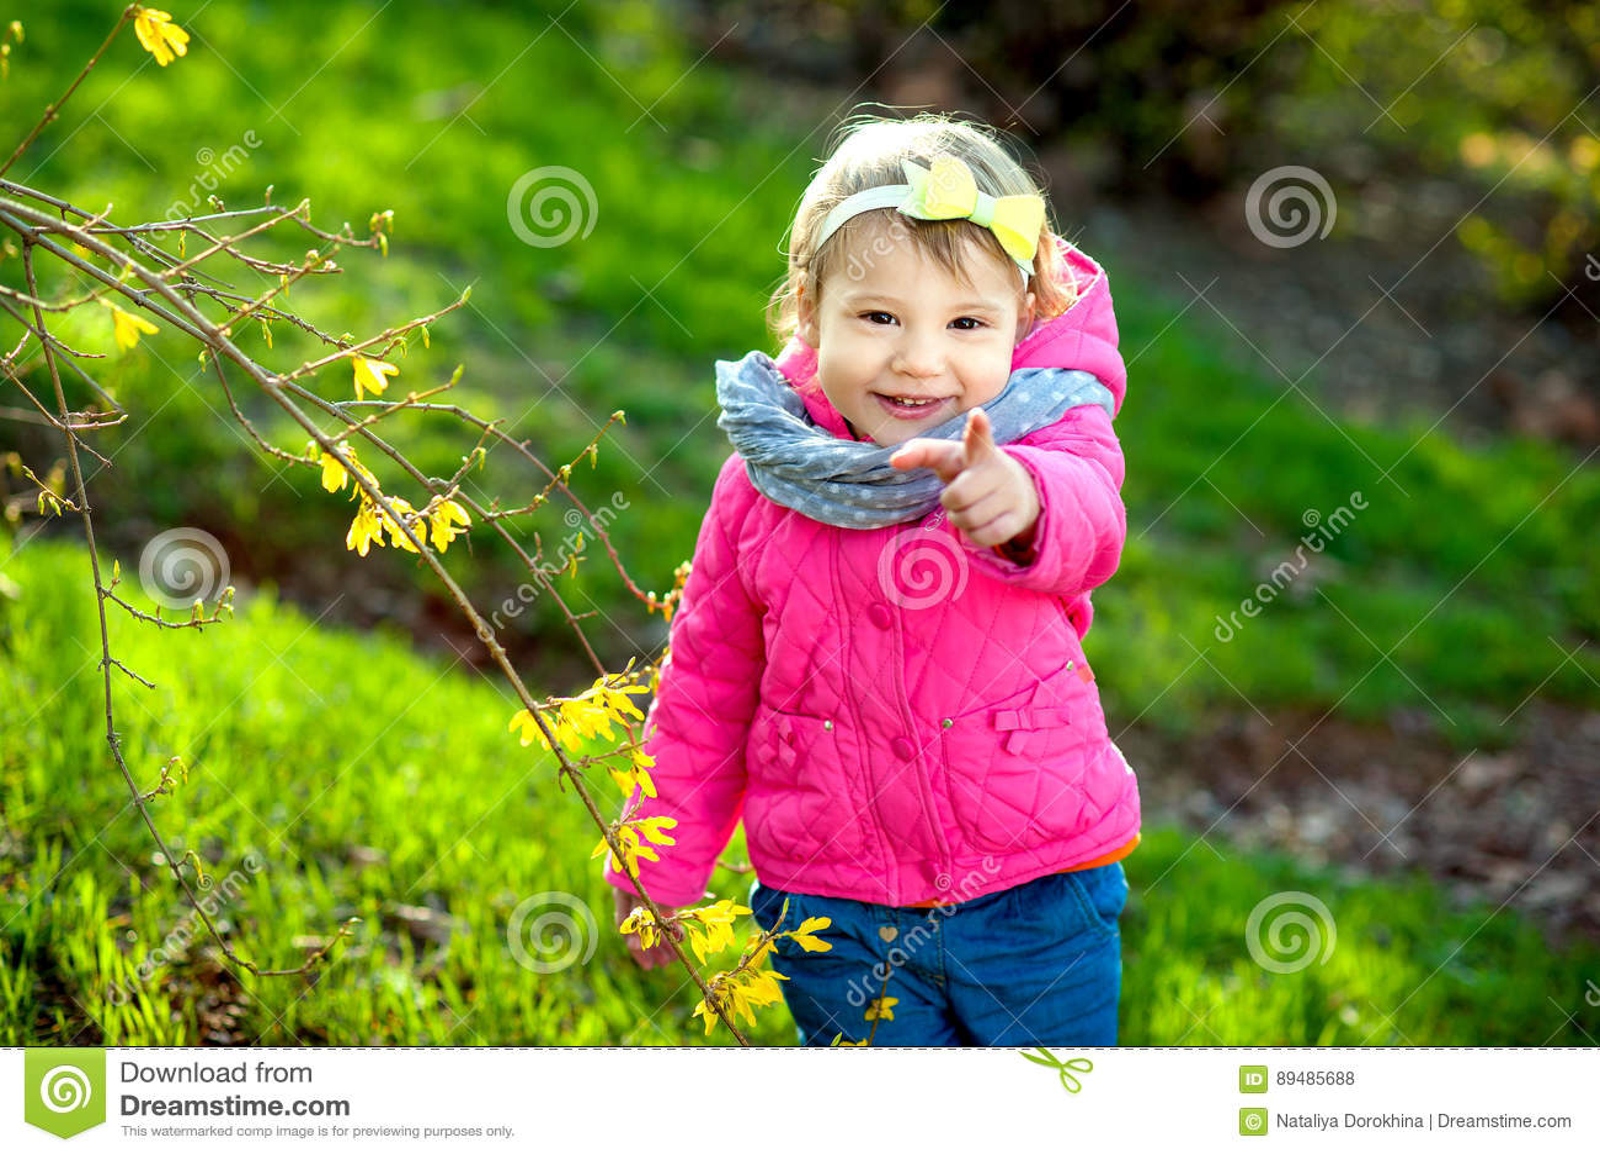 Giardino della bambina in primavera